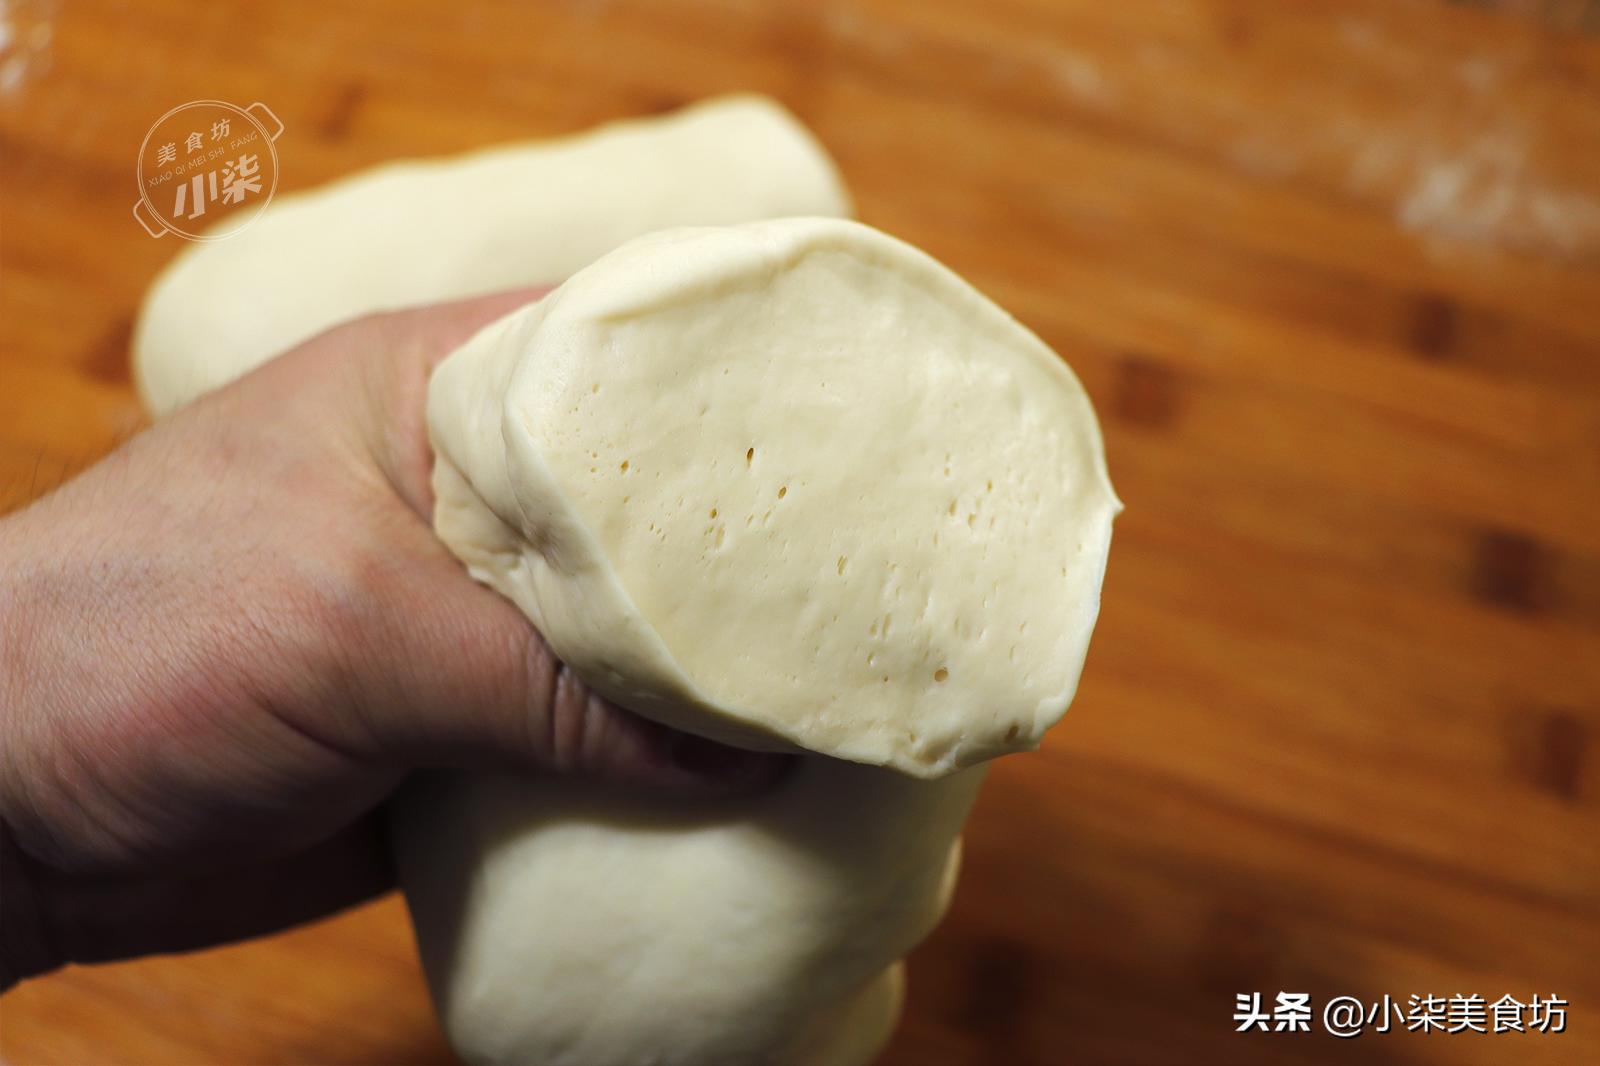 蒸包子時,別再直接上鍋蒸了,記住3個訣竅,包子鬆軟好吃不塌陷